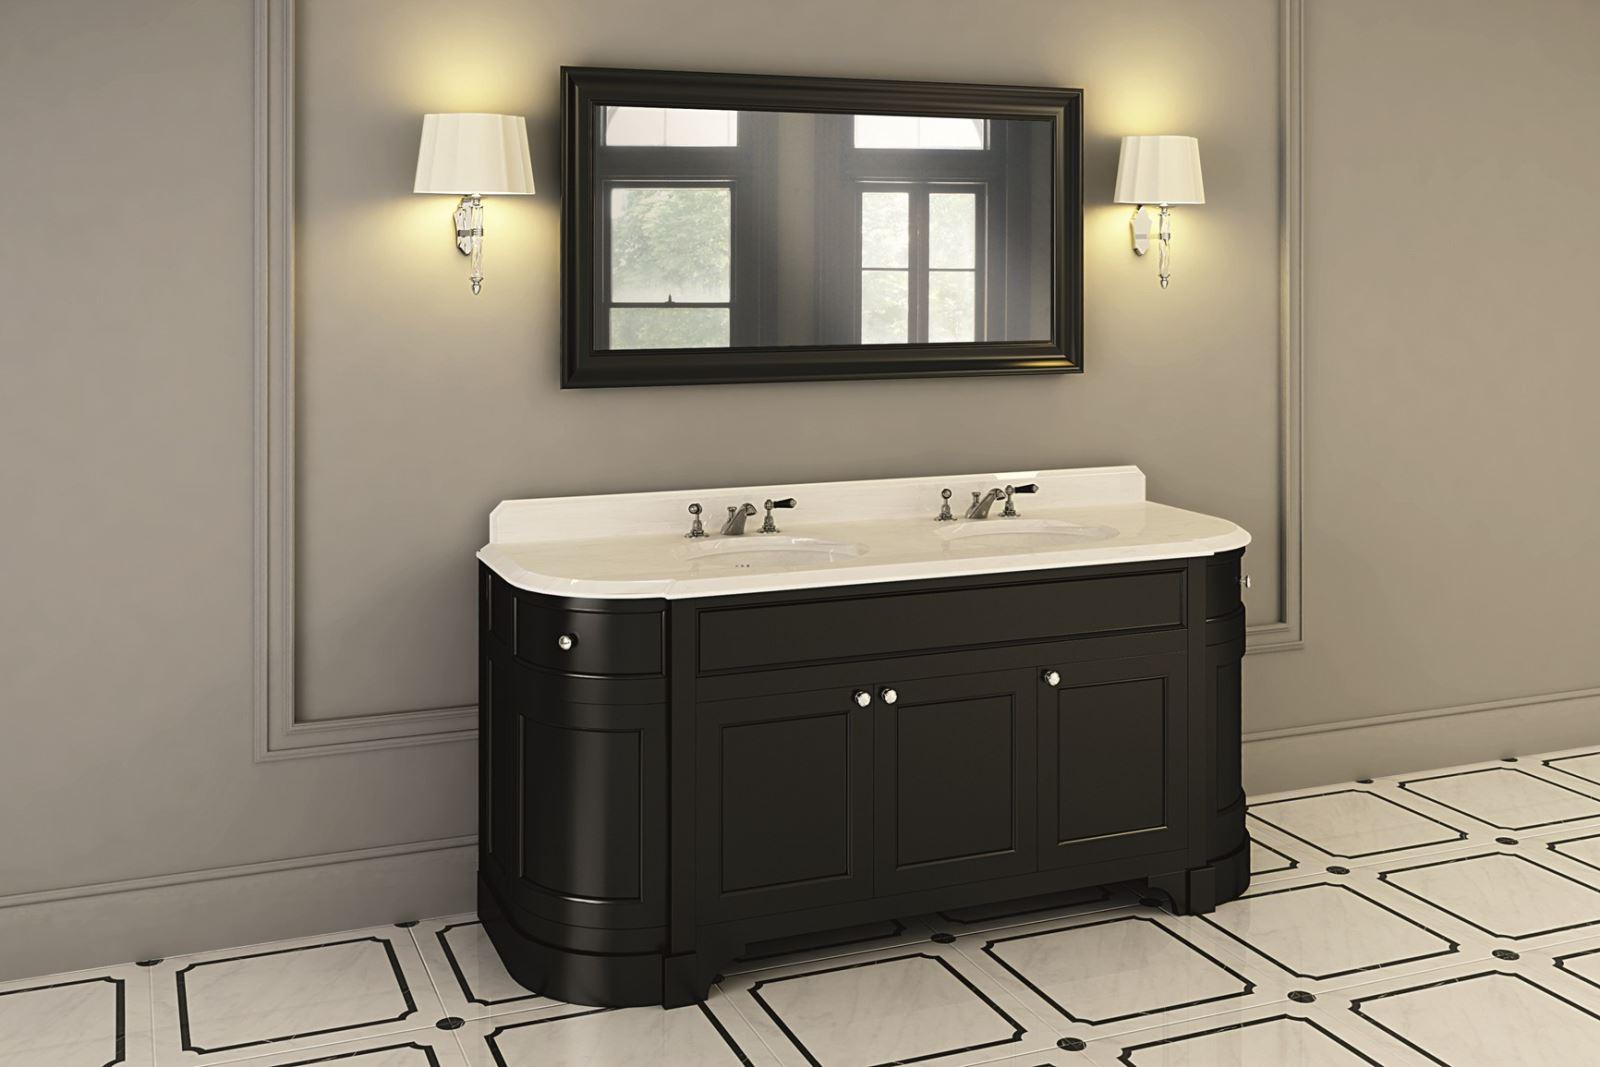 mobili bagno devon devon ecco le novit dal salone del mobile